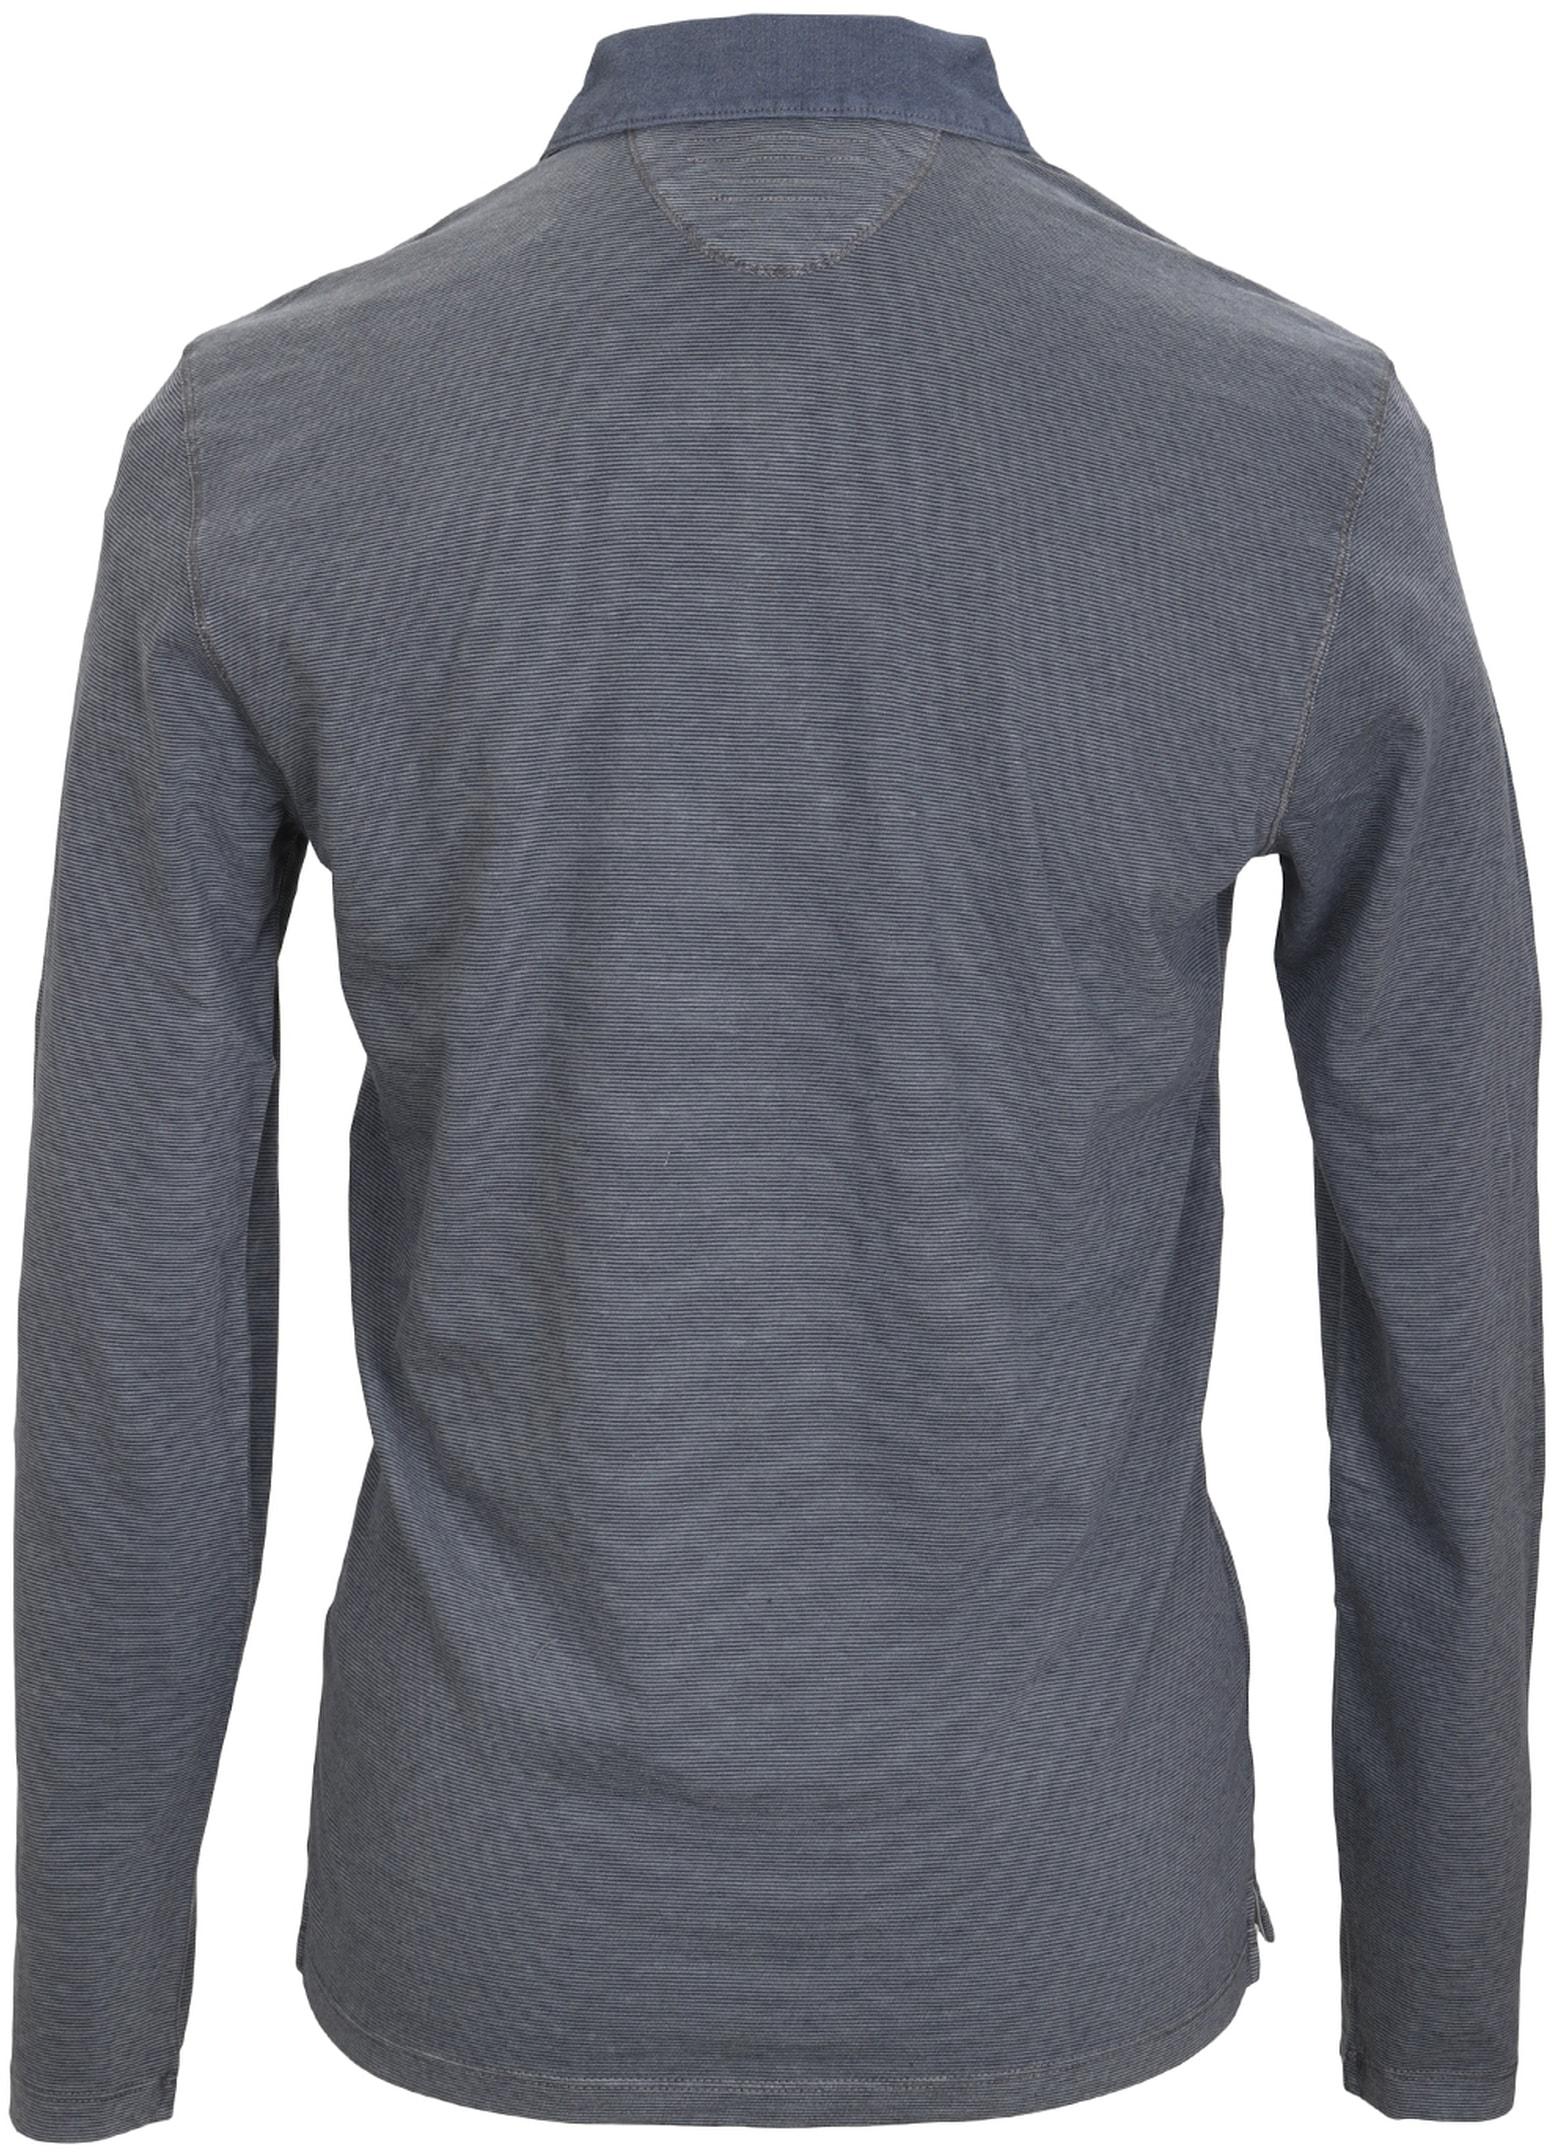 Marc O'Polo Lange Ärmel Poloshirt Blau Grau foto 2